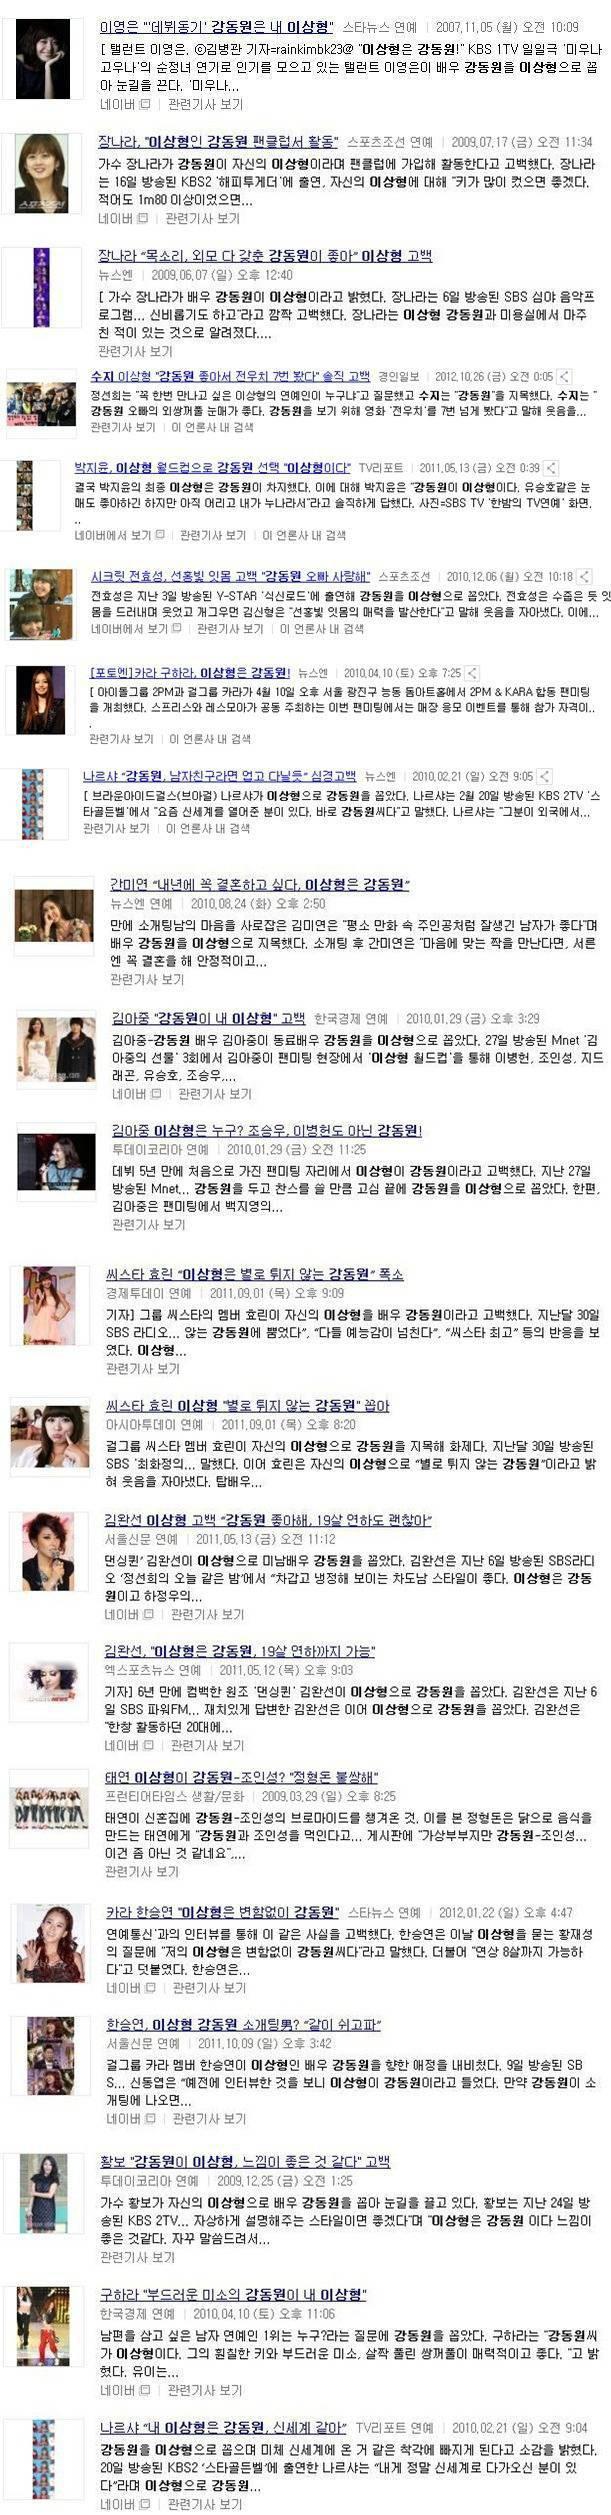 Tài tử được nhiều sao nữ chọn là hình mẫu lý tưởng nhất xứ Hàn: Từ Suzy cho đến mẹ Kim Tan đều mê mẩn